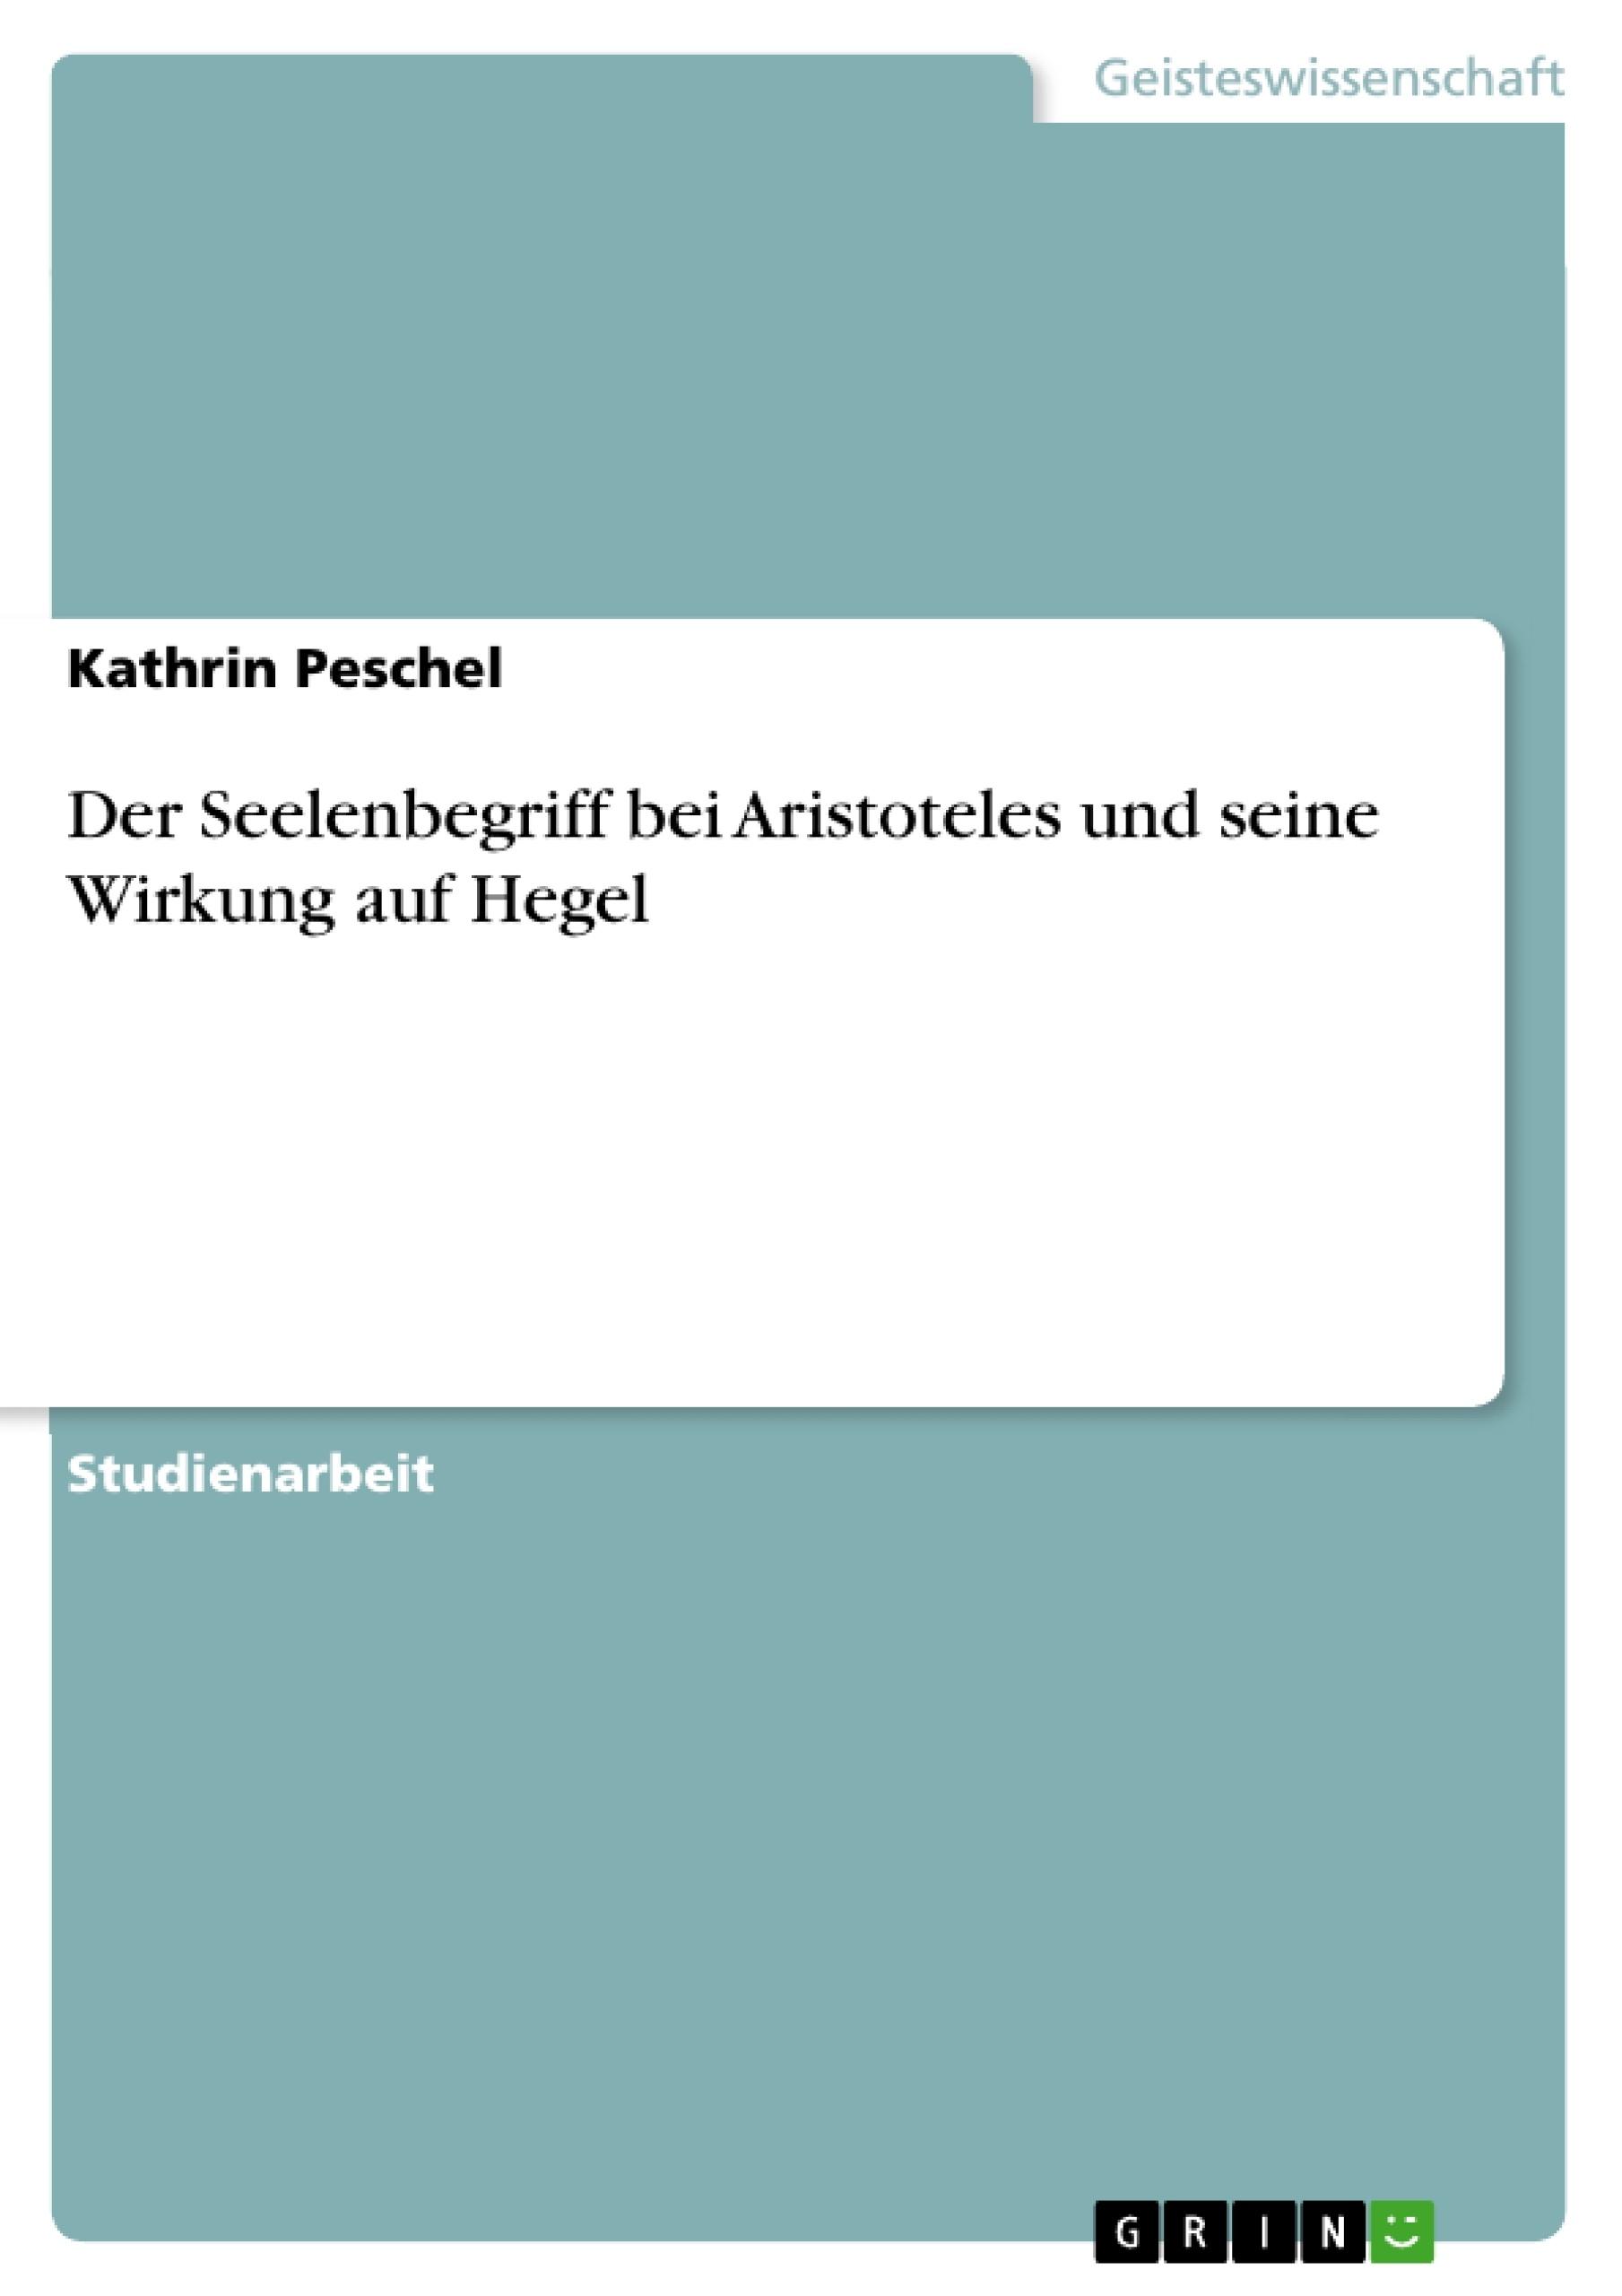 Titel: Der Seelenbegriff bei Aristoteles und seine Wirkung auf Hegel